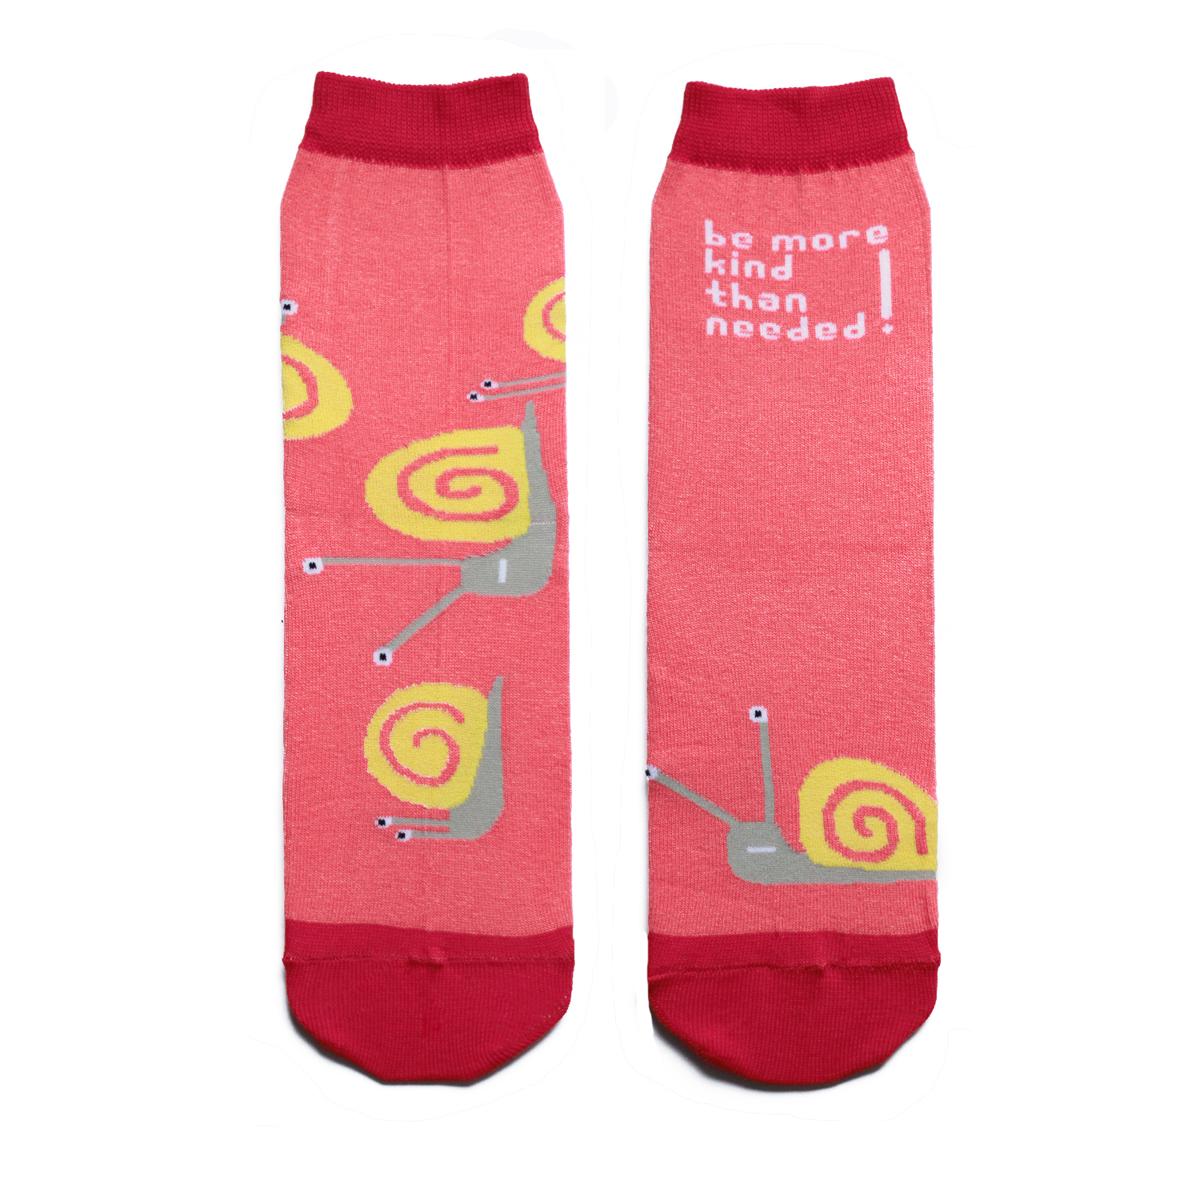 Носки мужские Big Bang Socks Улитка, цвет: розовый, красный, желтый. a161. Размер 40/44a161Мужские носки Big Bang Socks изготовлены из высококачественного хлопка с добавлением полиамидных и эластановых волокон, которые обеспечивают великолепную посадку. Носки отличаются ярким стильным дизайном, они оформлены изображением улиток и надписью: Be more kind than needed!. Удобная широкая резинка идеально облегает ногу и не пережимает сосуды, усиленные пятка и мысок повышают износоустойчивость носка, а удлиненный паголенок придает более эстетичный вид. Дизайнерские носки Big Bang Socks - яркая деталь в вашем образе и оригинальный подарок для друзей и близких.